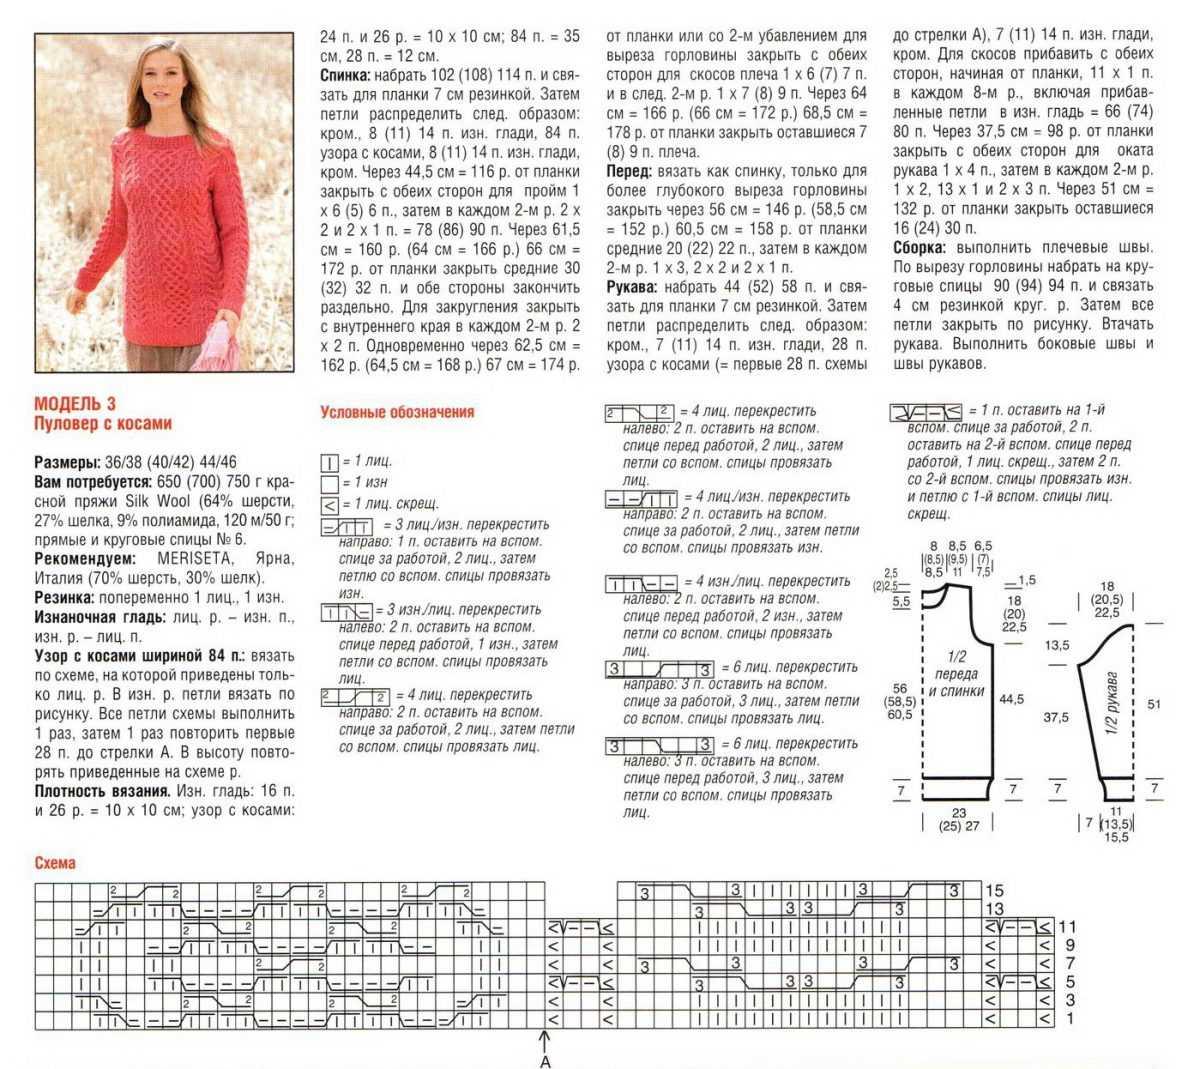 Вязание на спицах Журналы Модели Схемы Узоры